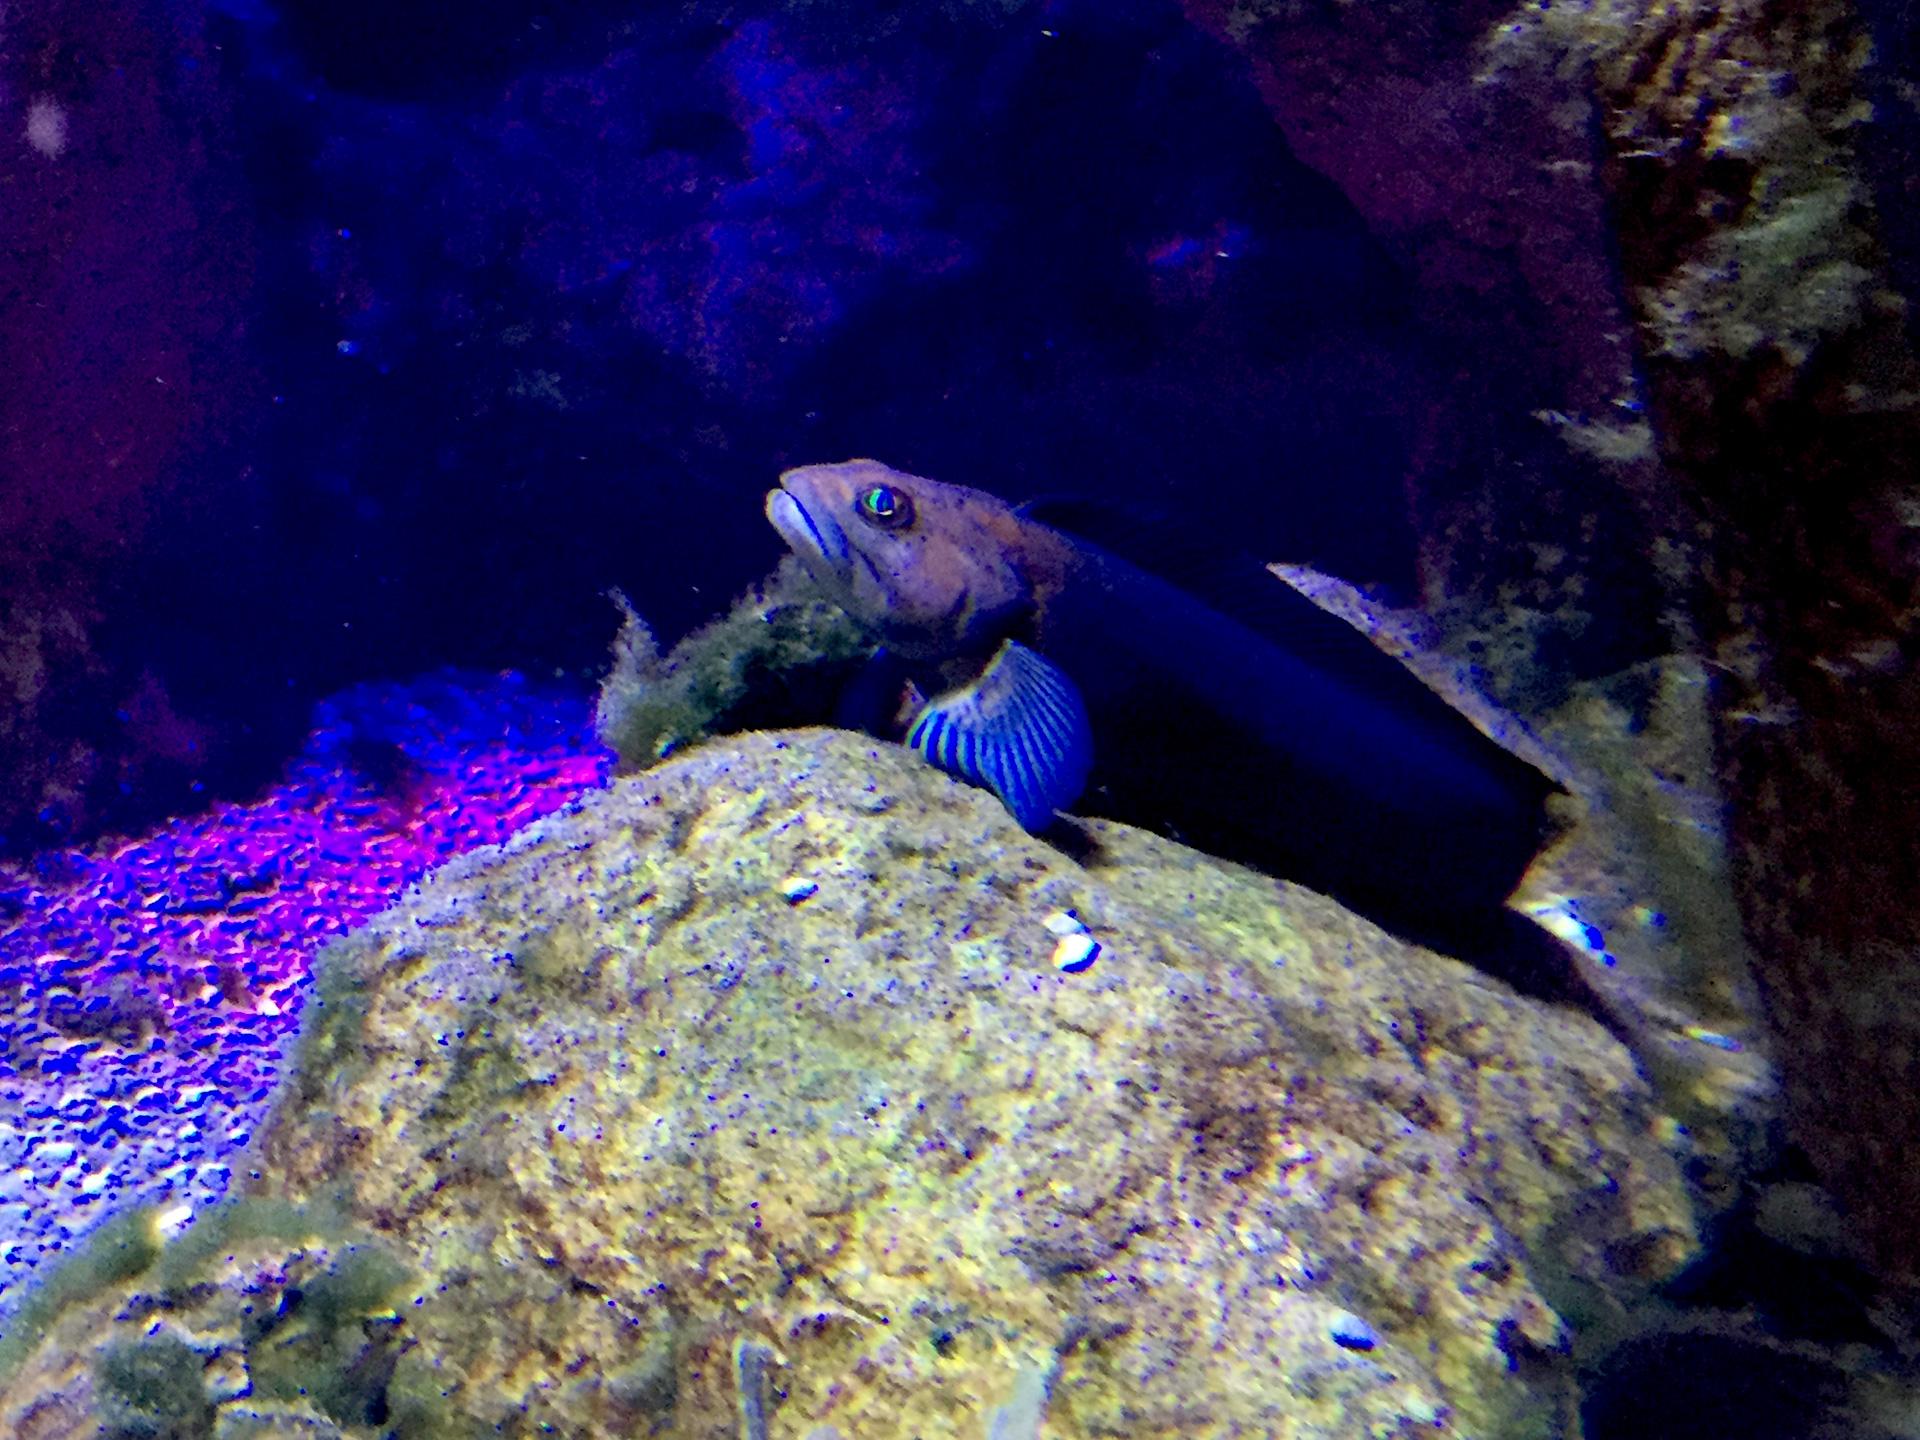 Algunos peces saben cómo adoptar una pose